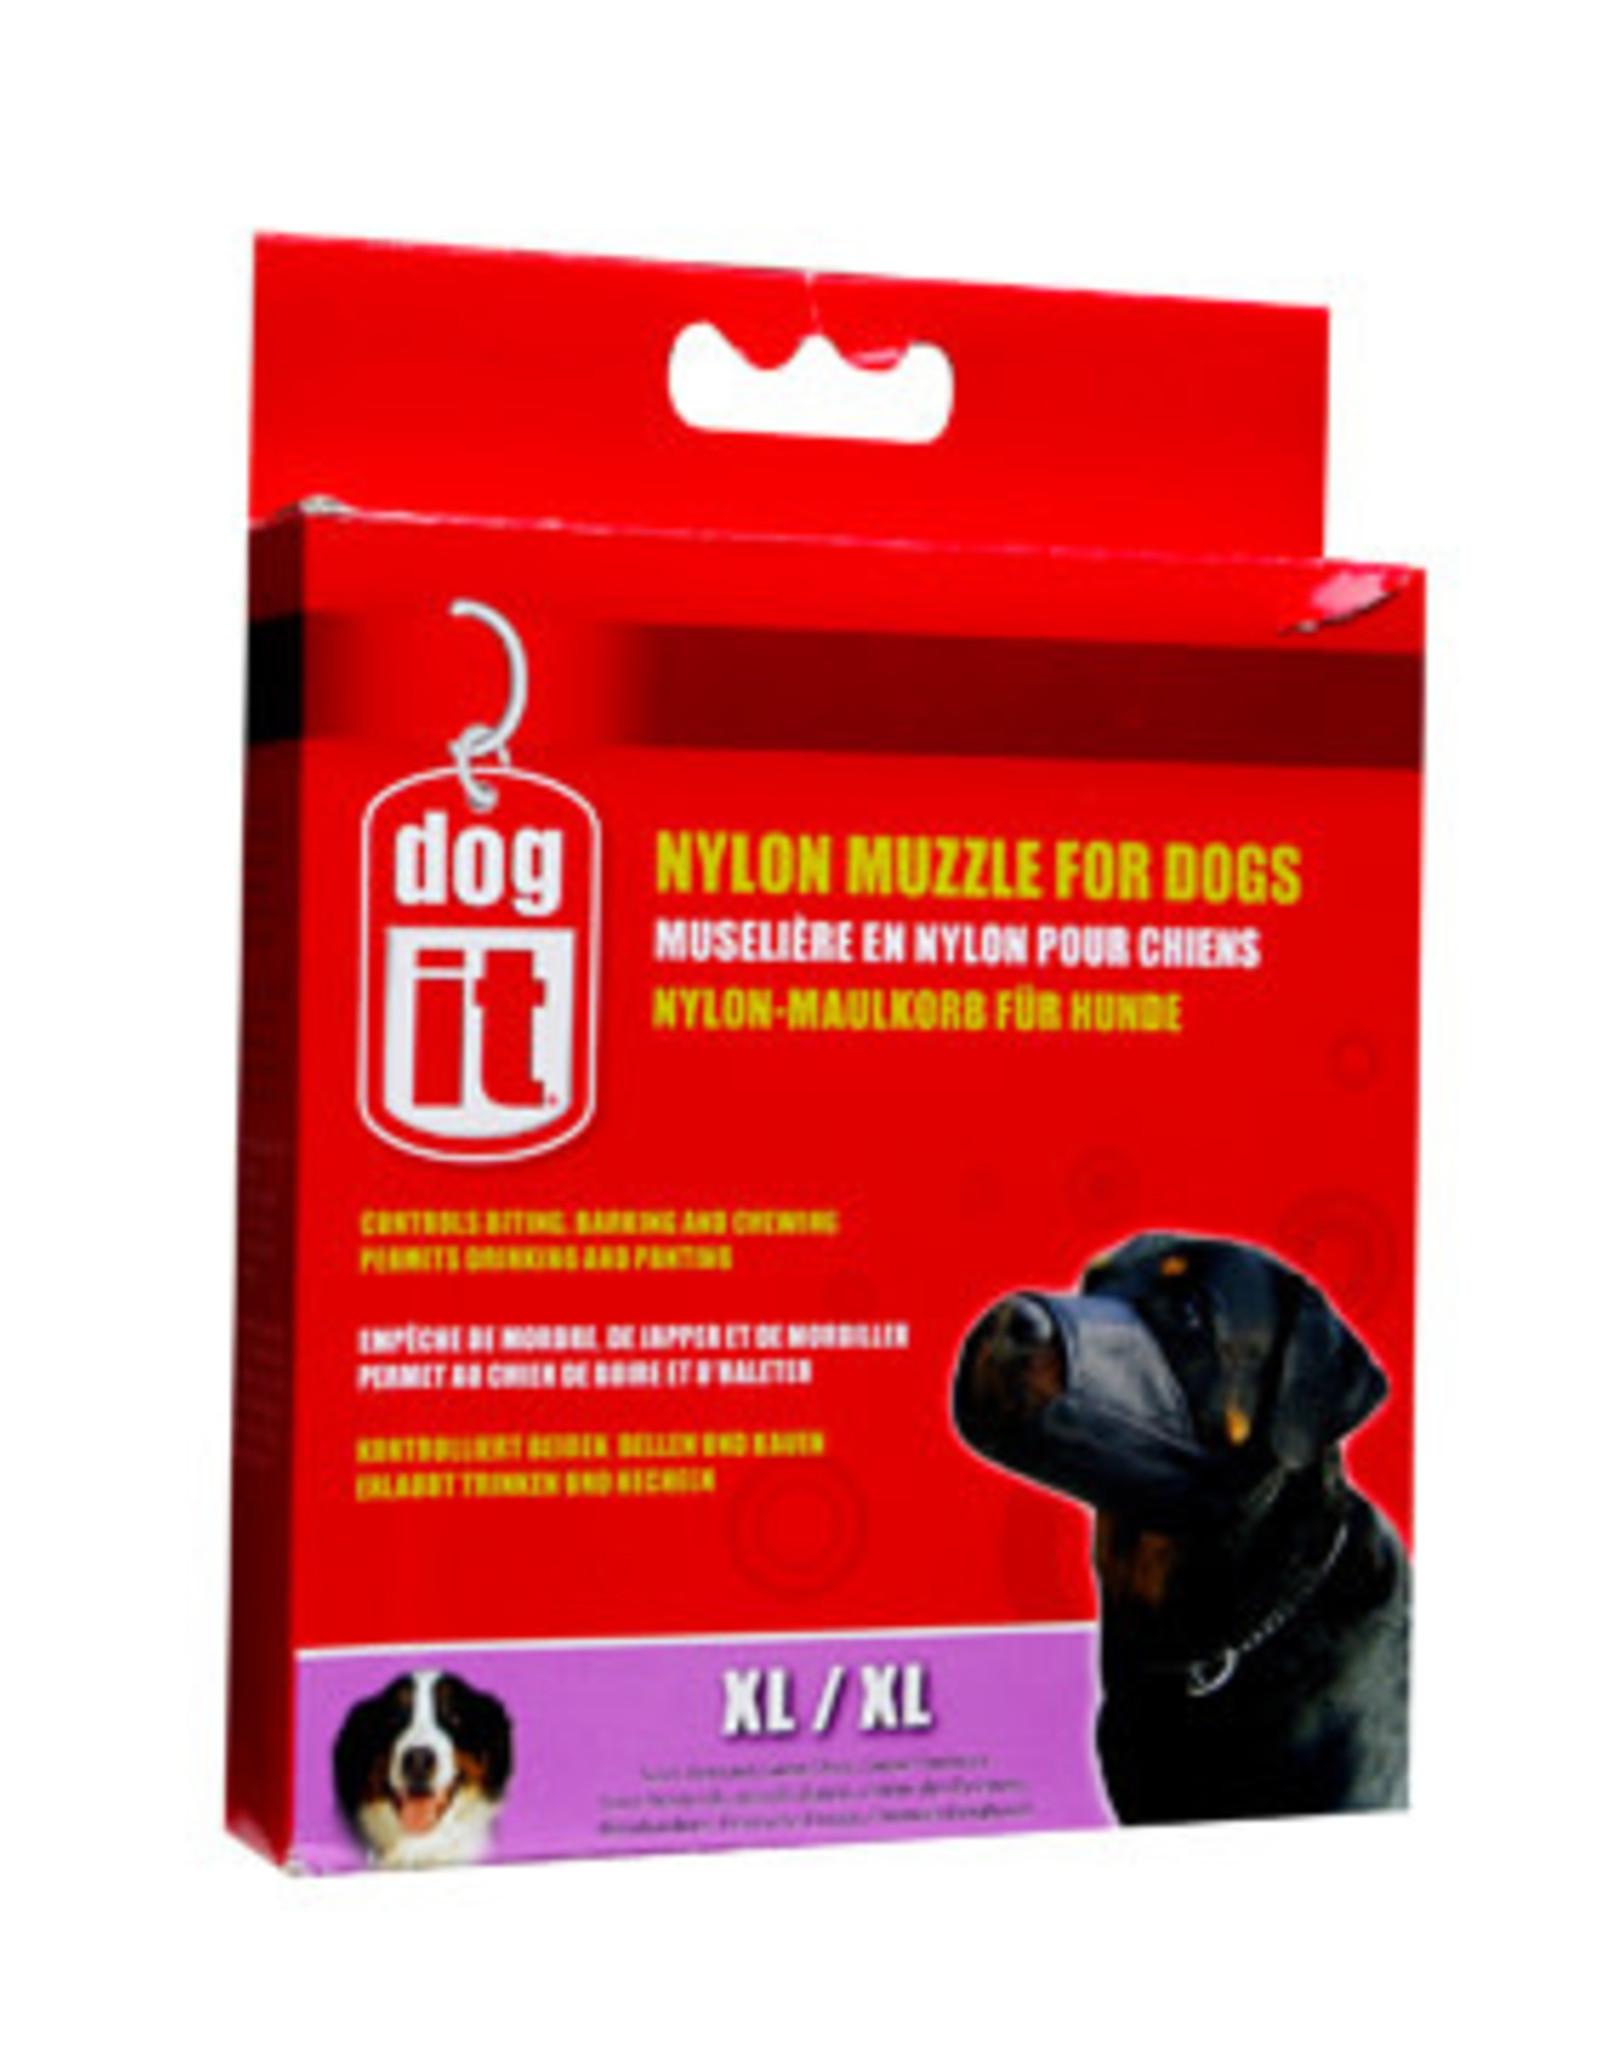 DogIt Dogit Nylon Dog Muzzle - Black - X Large (21.5 cm / 8.5in)